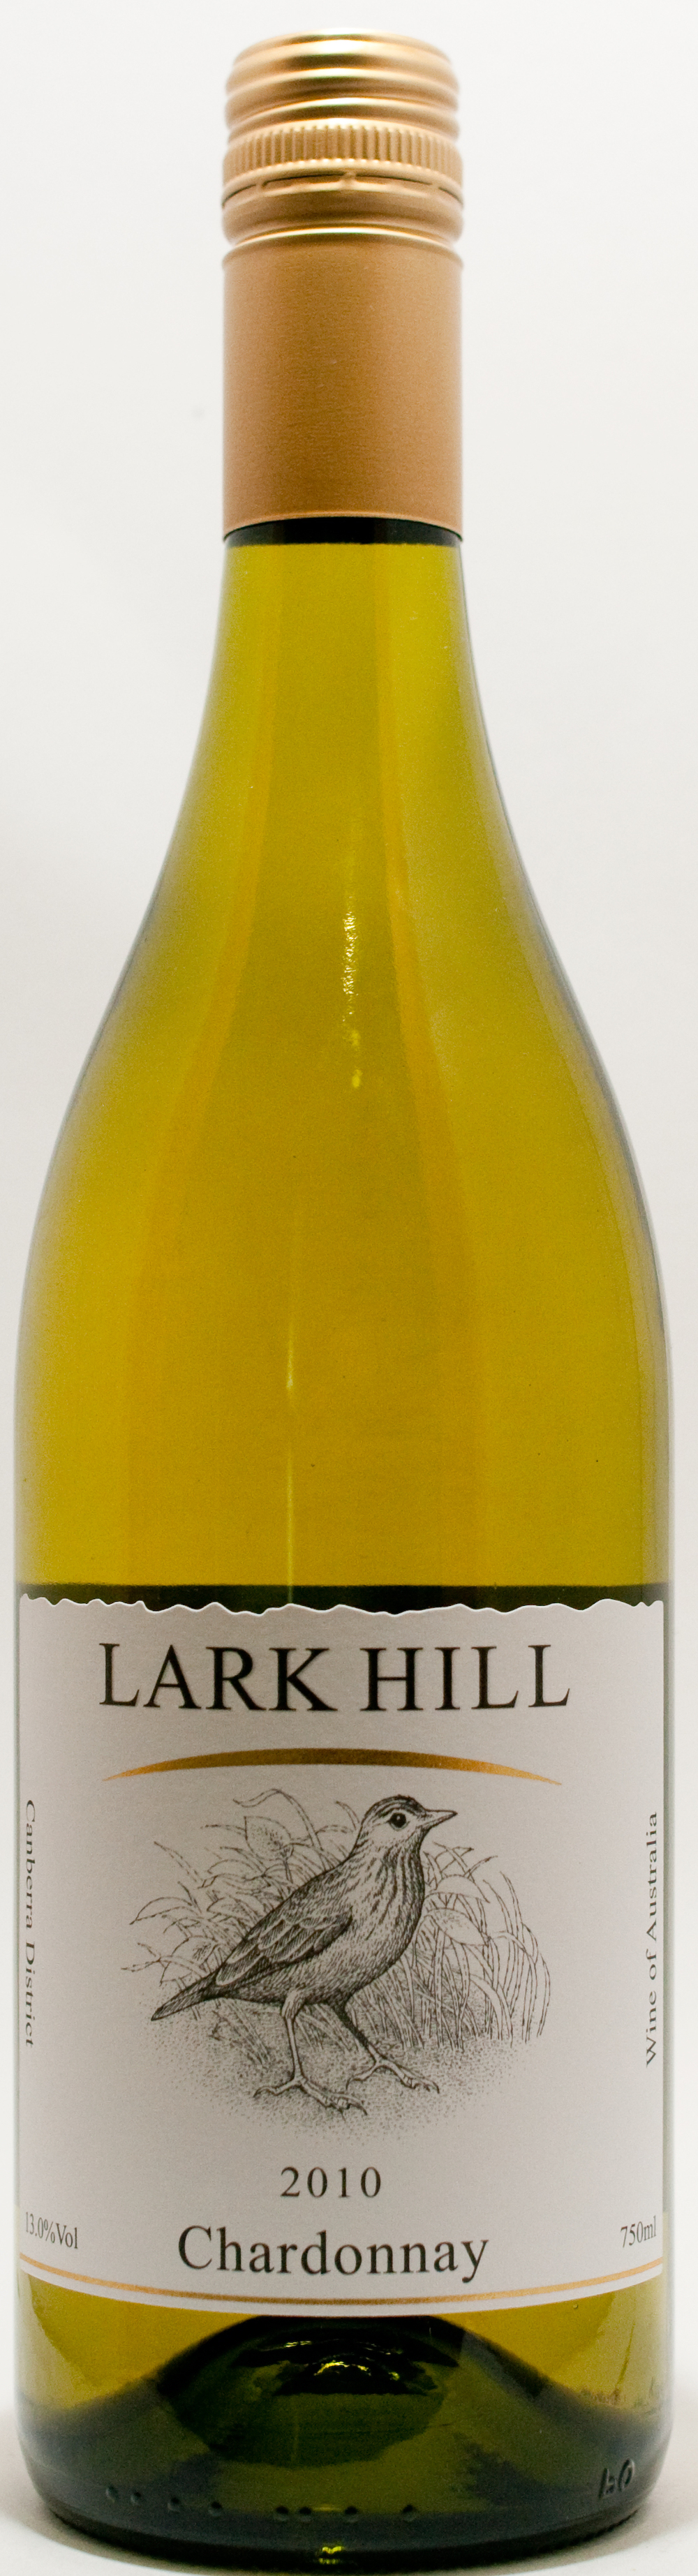 Lark-Hill-Chardonnay-2010-Bottleshot.jpg